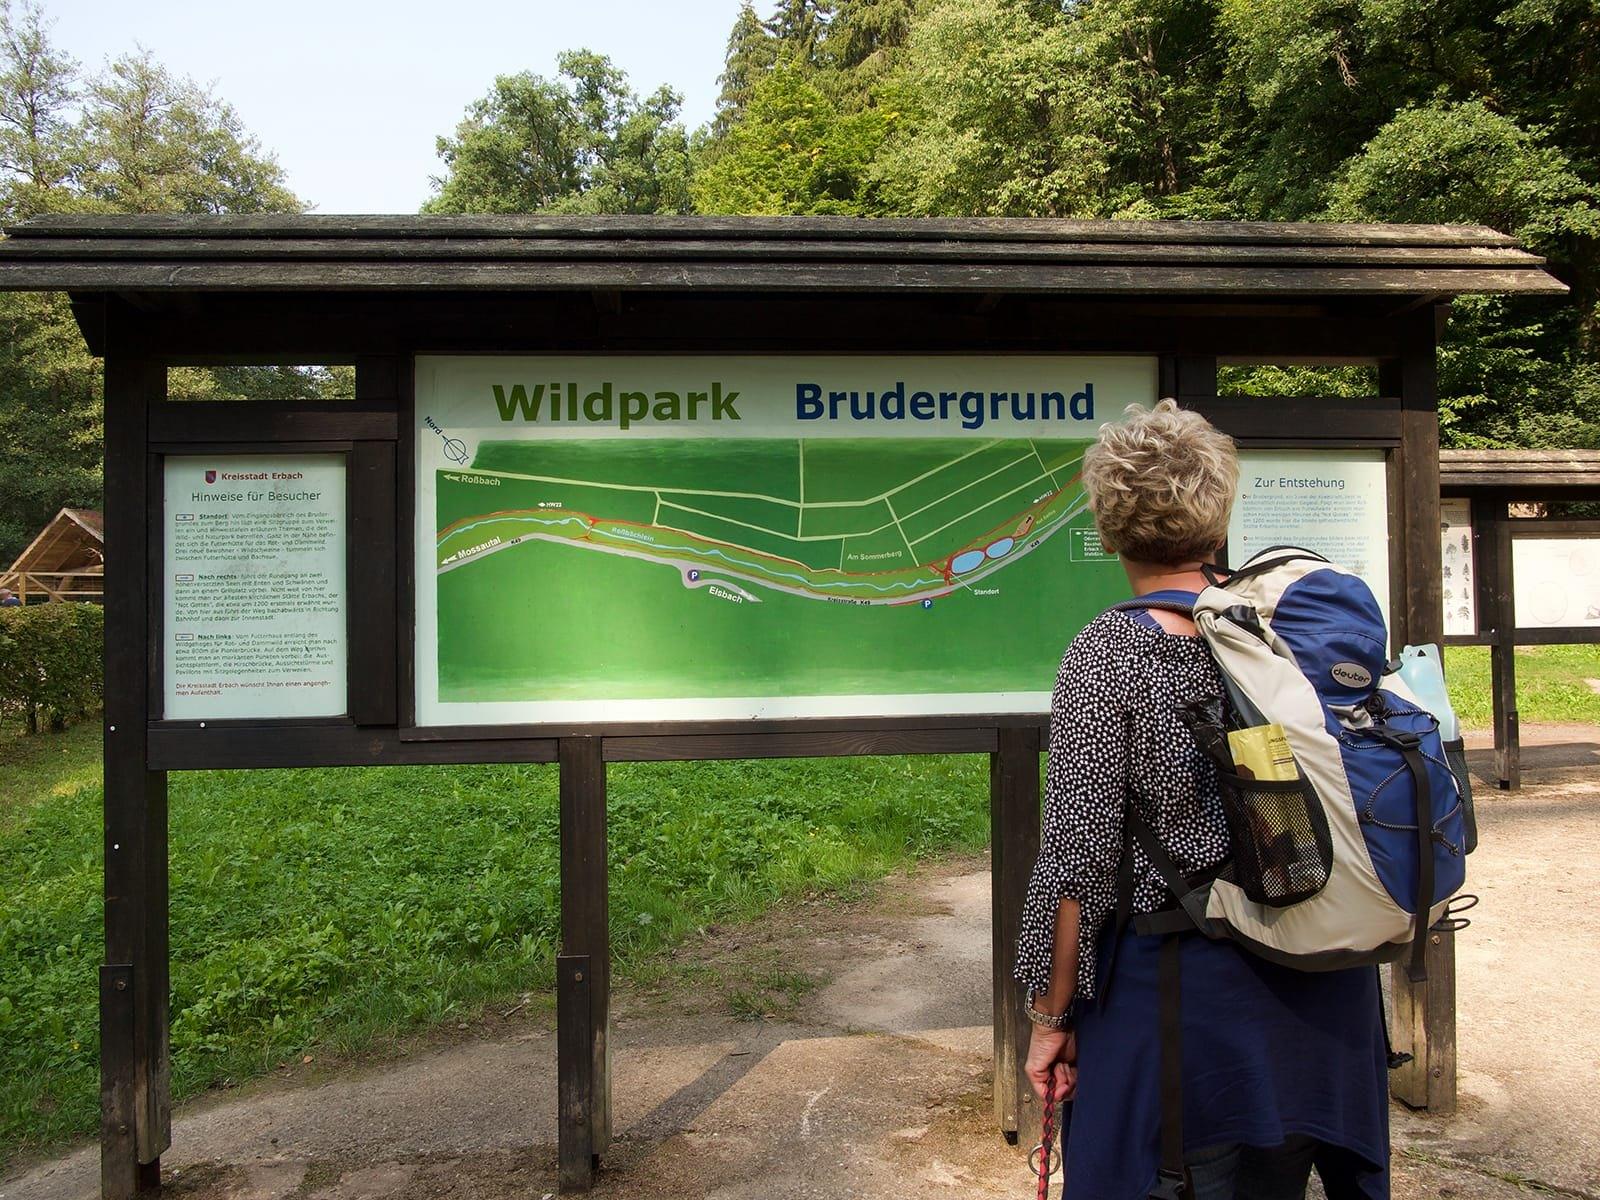 wildpark-brundergrund_7